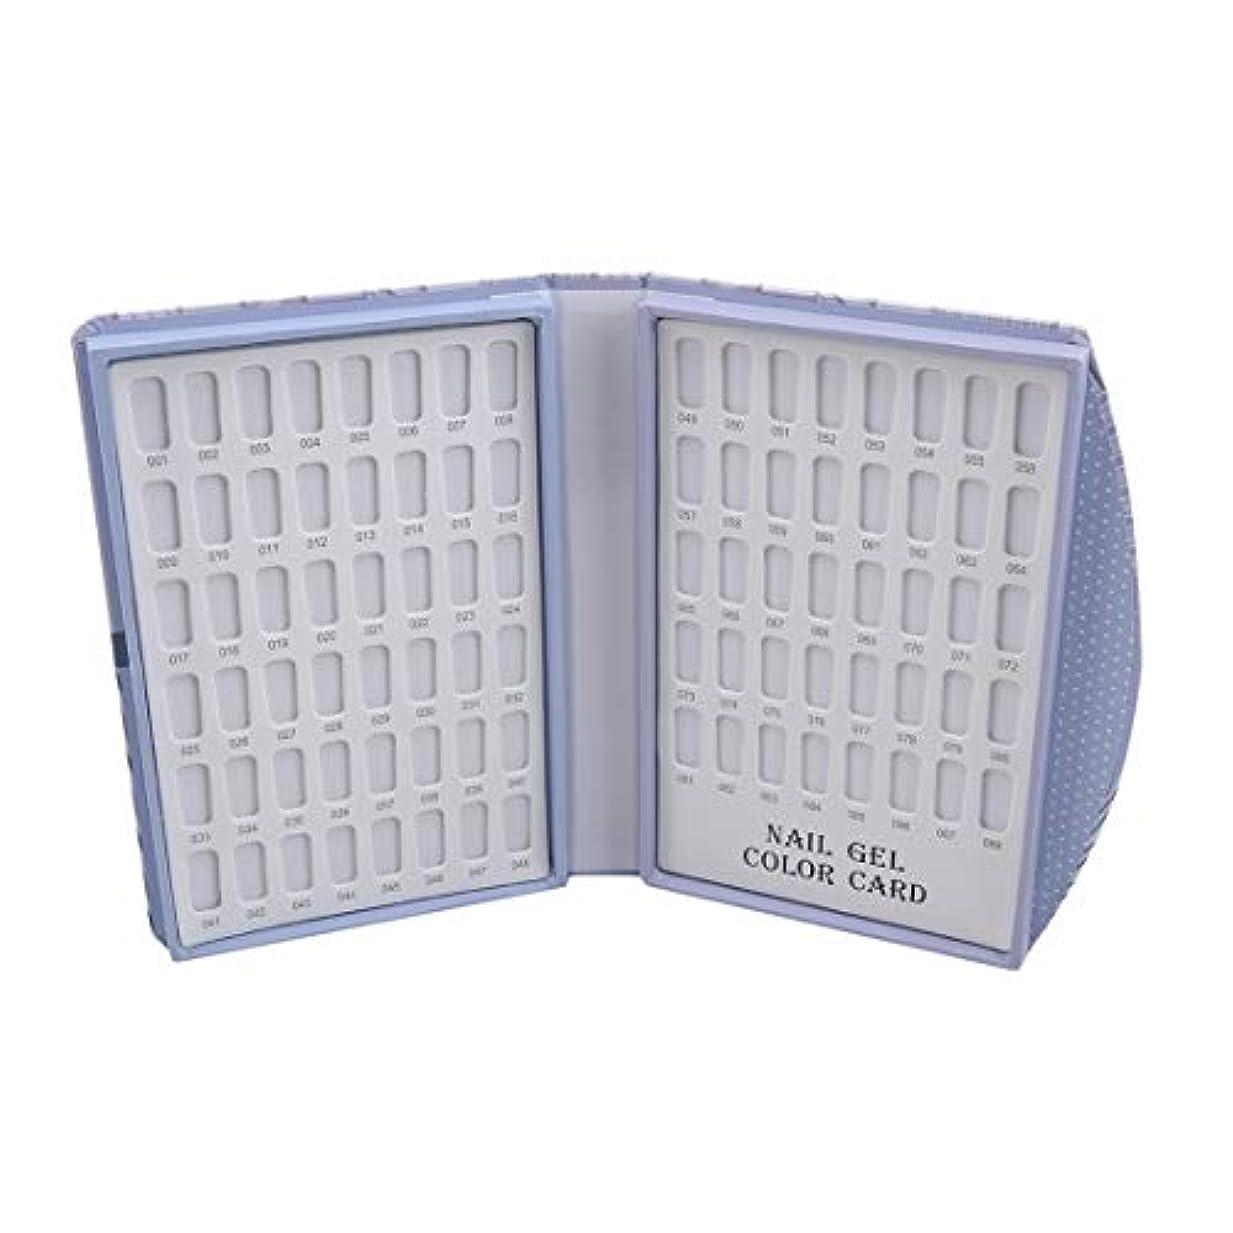 帰するコーラス祝うKLUMA カラーチャートブック ネイルマニキュアカラー色見本 120色 88色 サンプル帳 色見本帳 折り畳み式 見本ボード 展示板 6# 長さ*幅*厚さ21.5*16*3cm